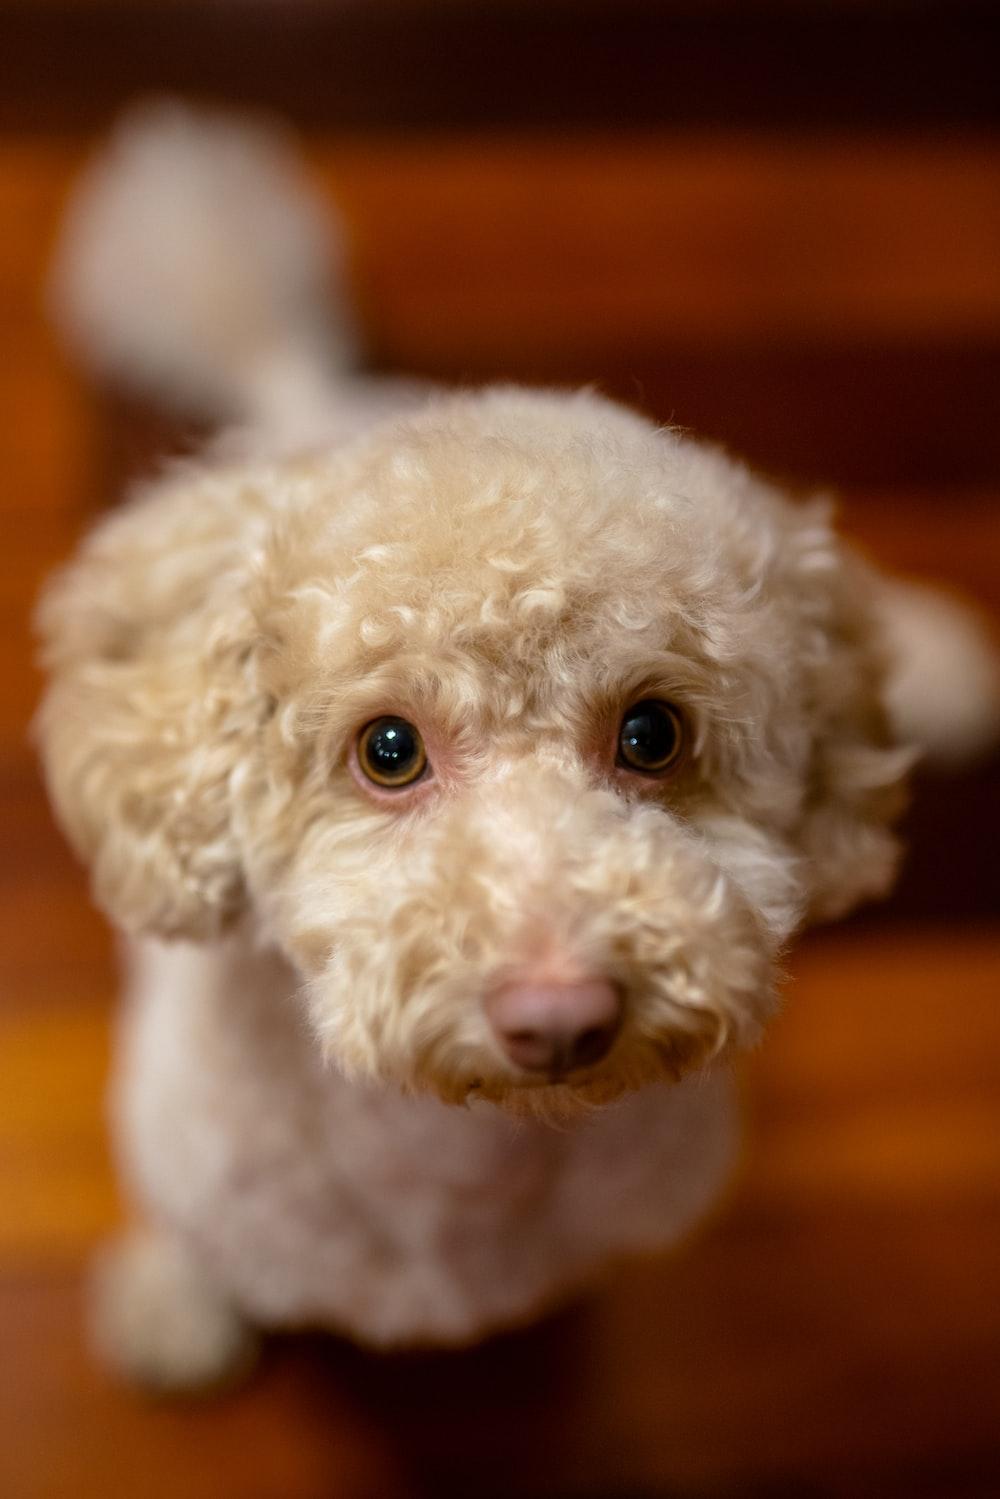 white poodle on orange textile